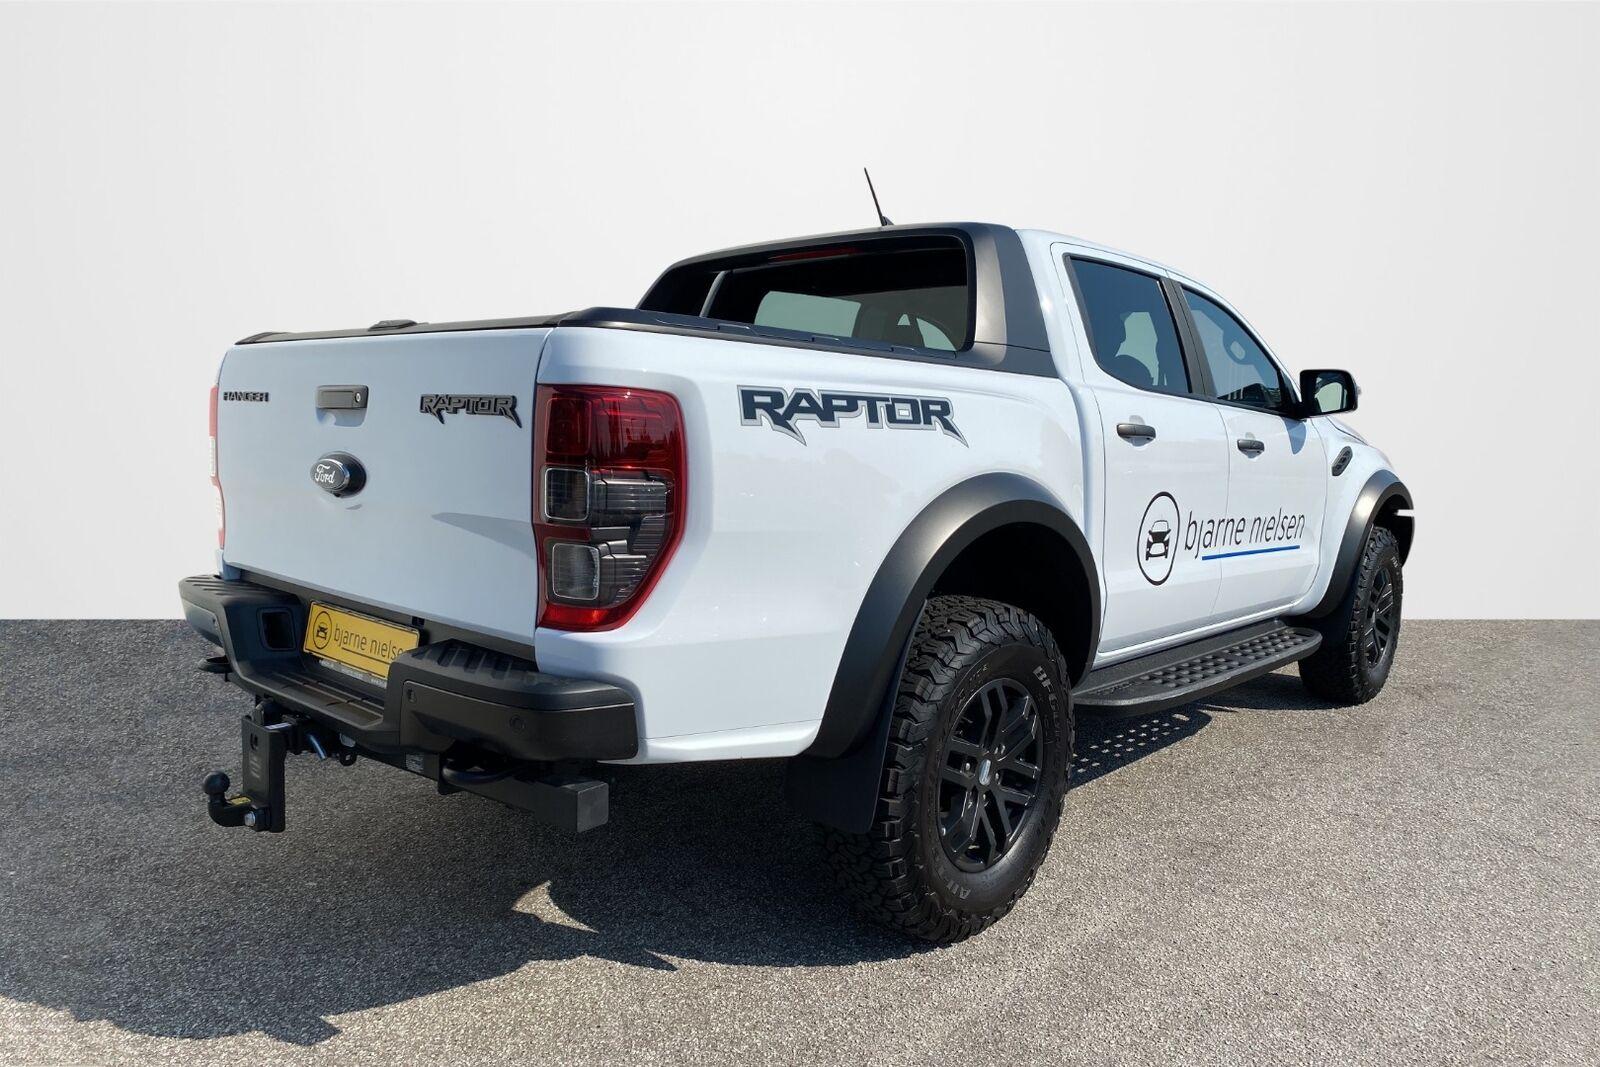 Ford Ranger 2,0 EcoBlue Raptor Db.Kab aut. - billede 15